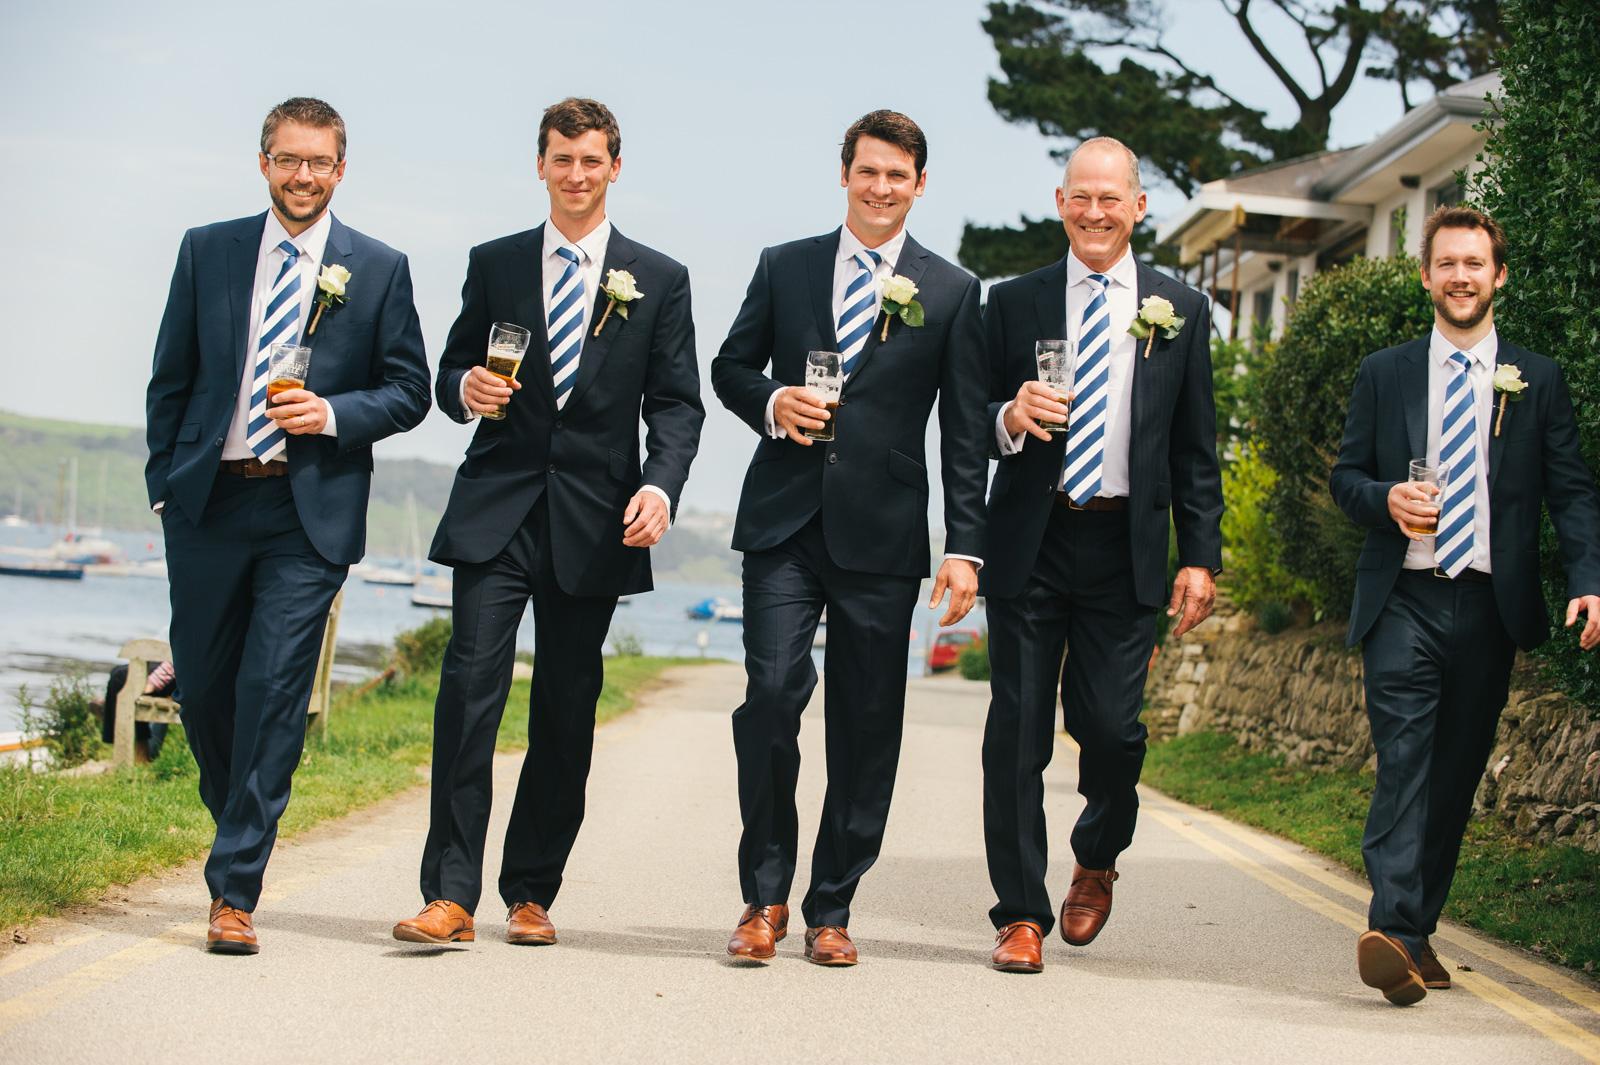 mylor-church-wedding-23.jpg